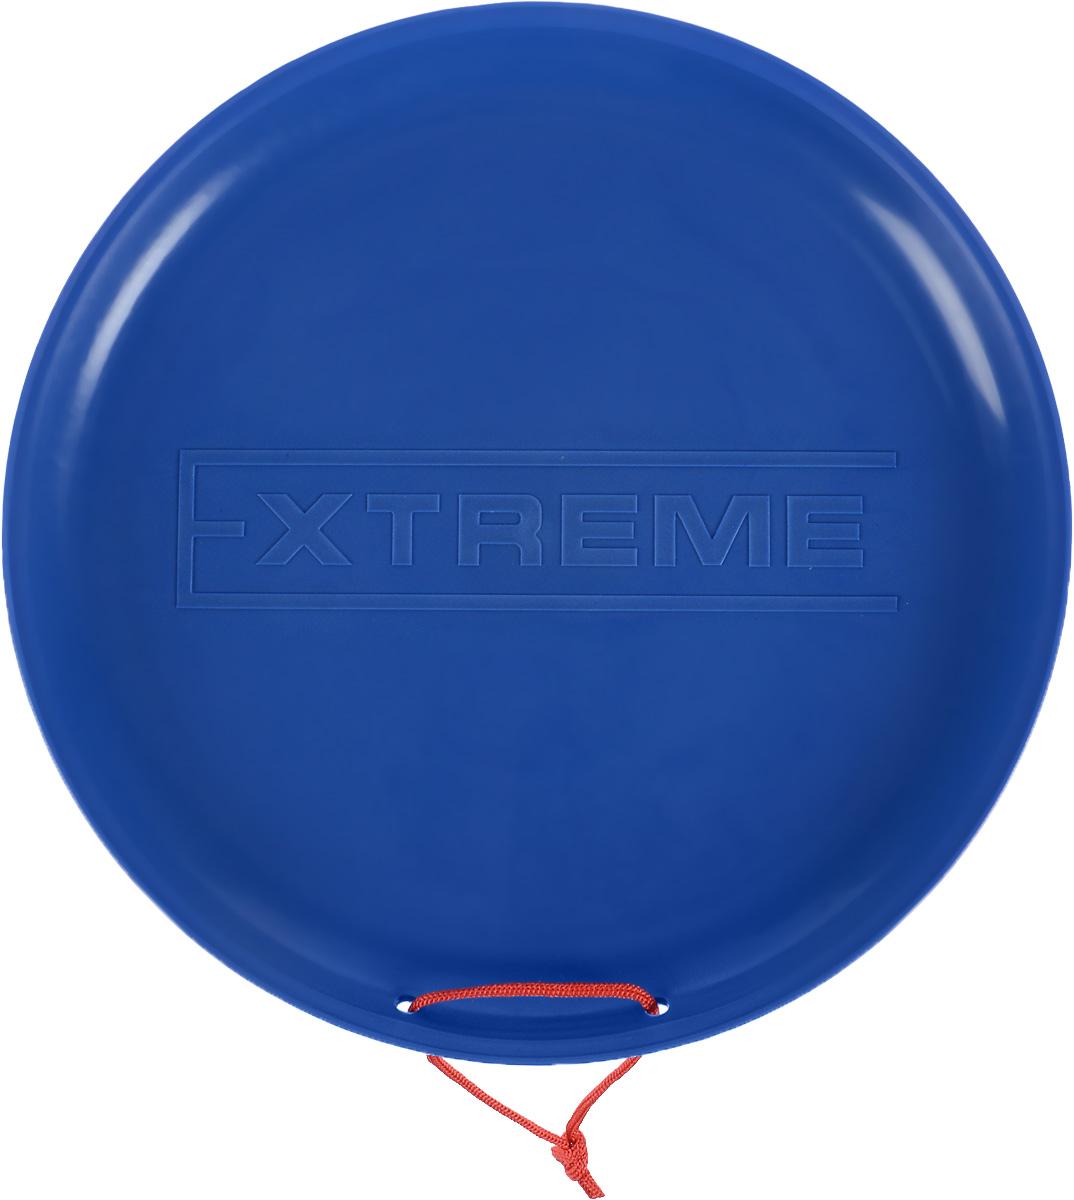 Санки-ледянки Престиж Экстрим, цвет: синий, диаметр 40 см75-5500-35Любимая детская зимняя забава - это катание с горки. Яркие санки-ледянки Престиж Экстрим станут незаменимым атрибутом этой веселой детской игры. Санки-ледянки - это специальная пластиковая тарелка, облегчающая скольжение и увеличивающая скорость движения по горке. Ледянка выполнена из прочного гибкого пластика и снабжена текстильной ручкой для транспортировки. Конфигурация санок позволяет удобно сидеть и развивать лучшую скорость. Благодаря малому весу ледянку, в отличие от обычных санок, легко нести с собой даже ребенку.